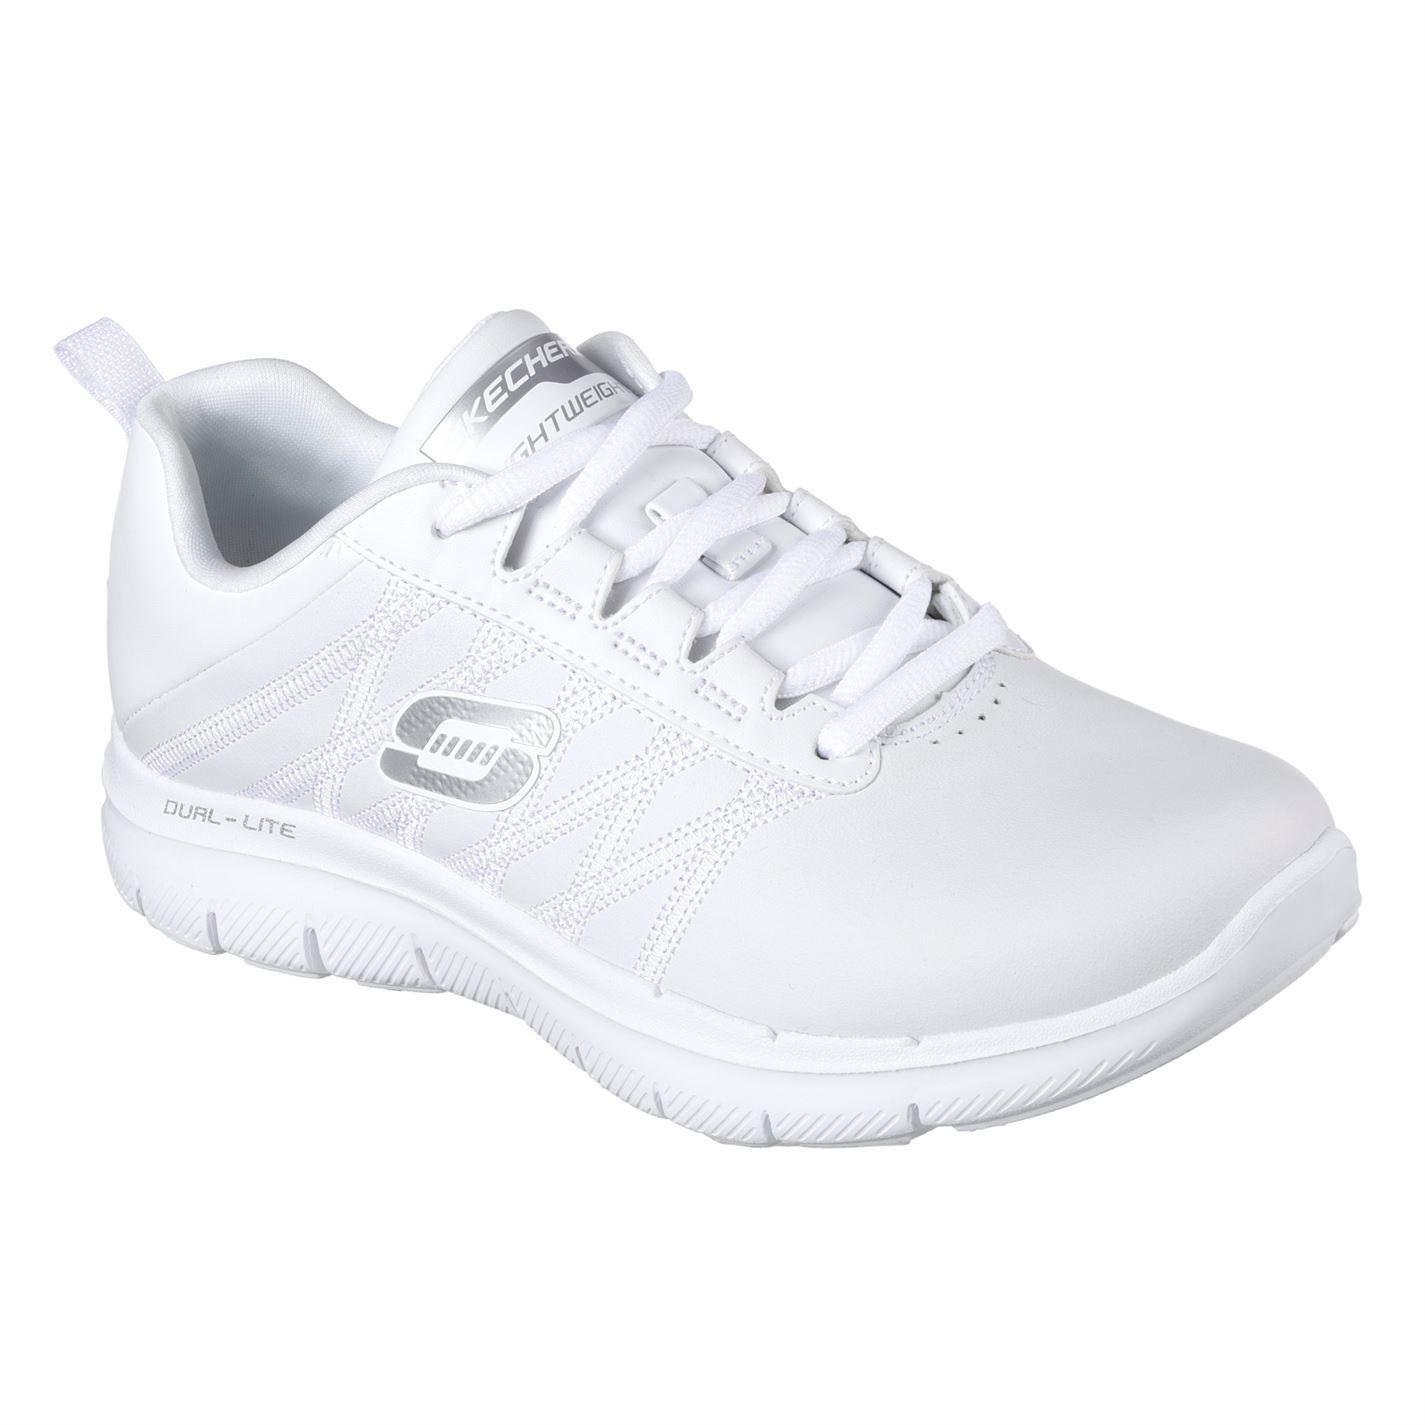 Skechers Skechers Skechers Flex Appeal 2.0 Scarpe da ginnastica donna scarpe calzature da donna | marche  | Sig/Sig Ra Scarpa  bc5294